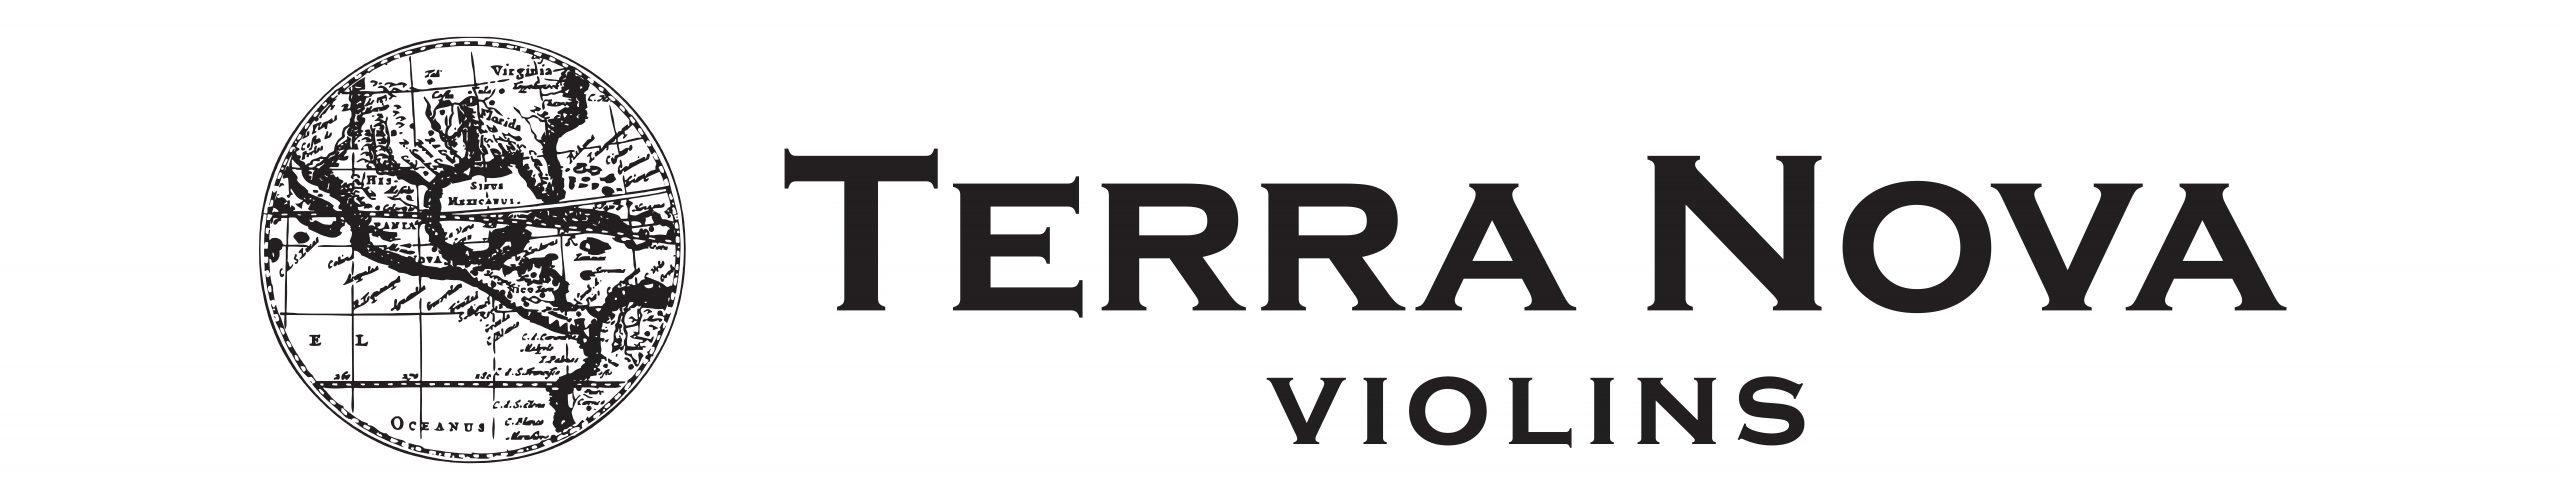 Terra Nova Violins logo